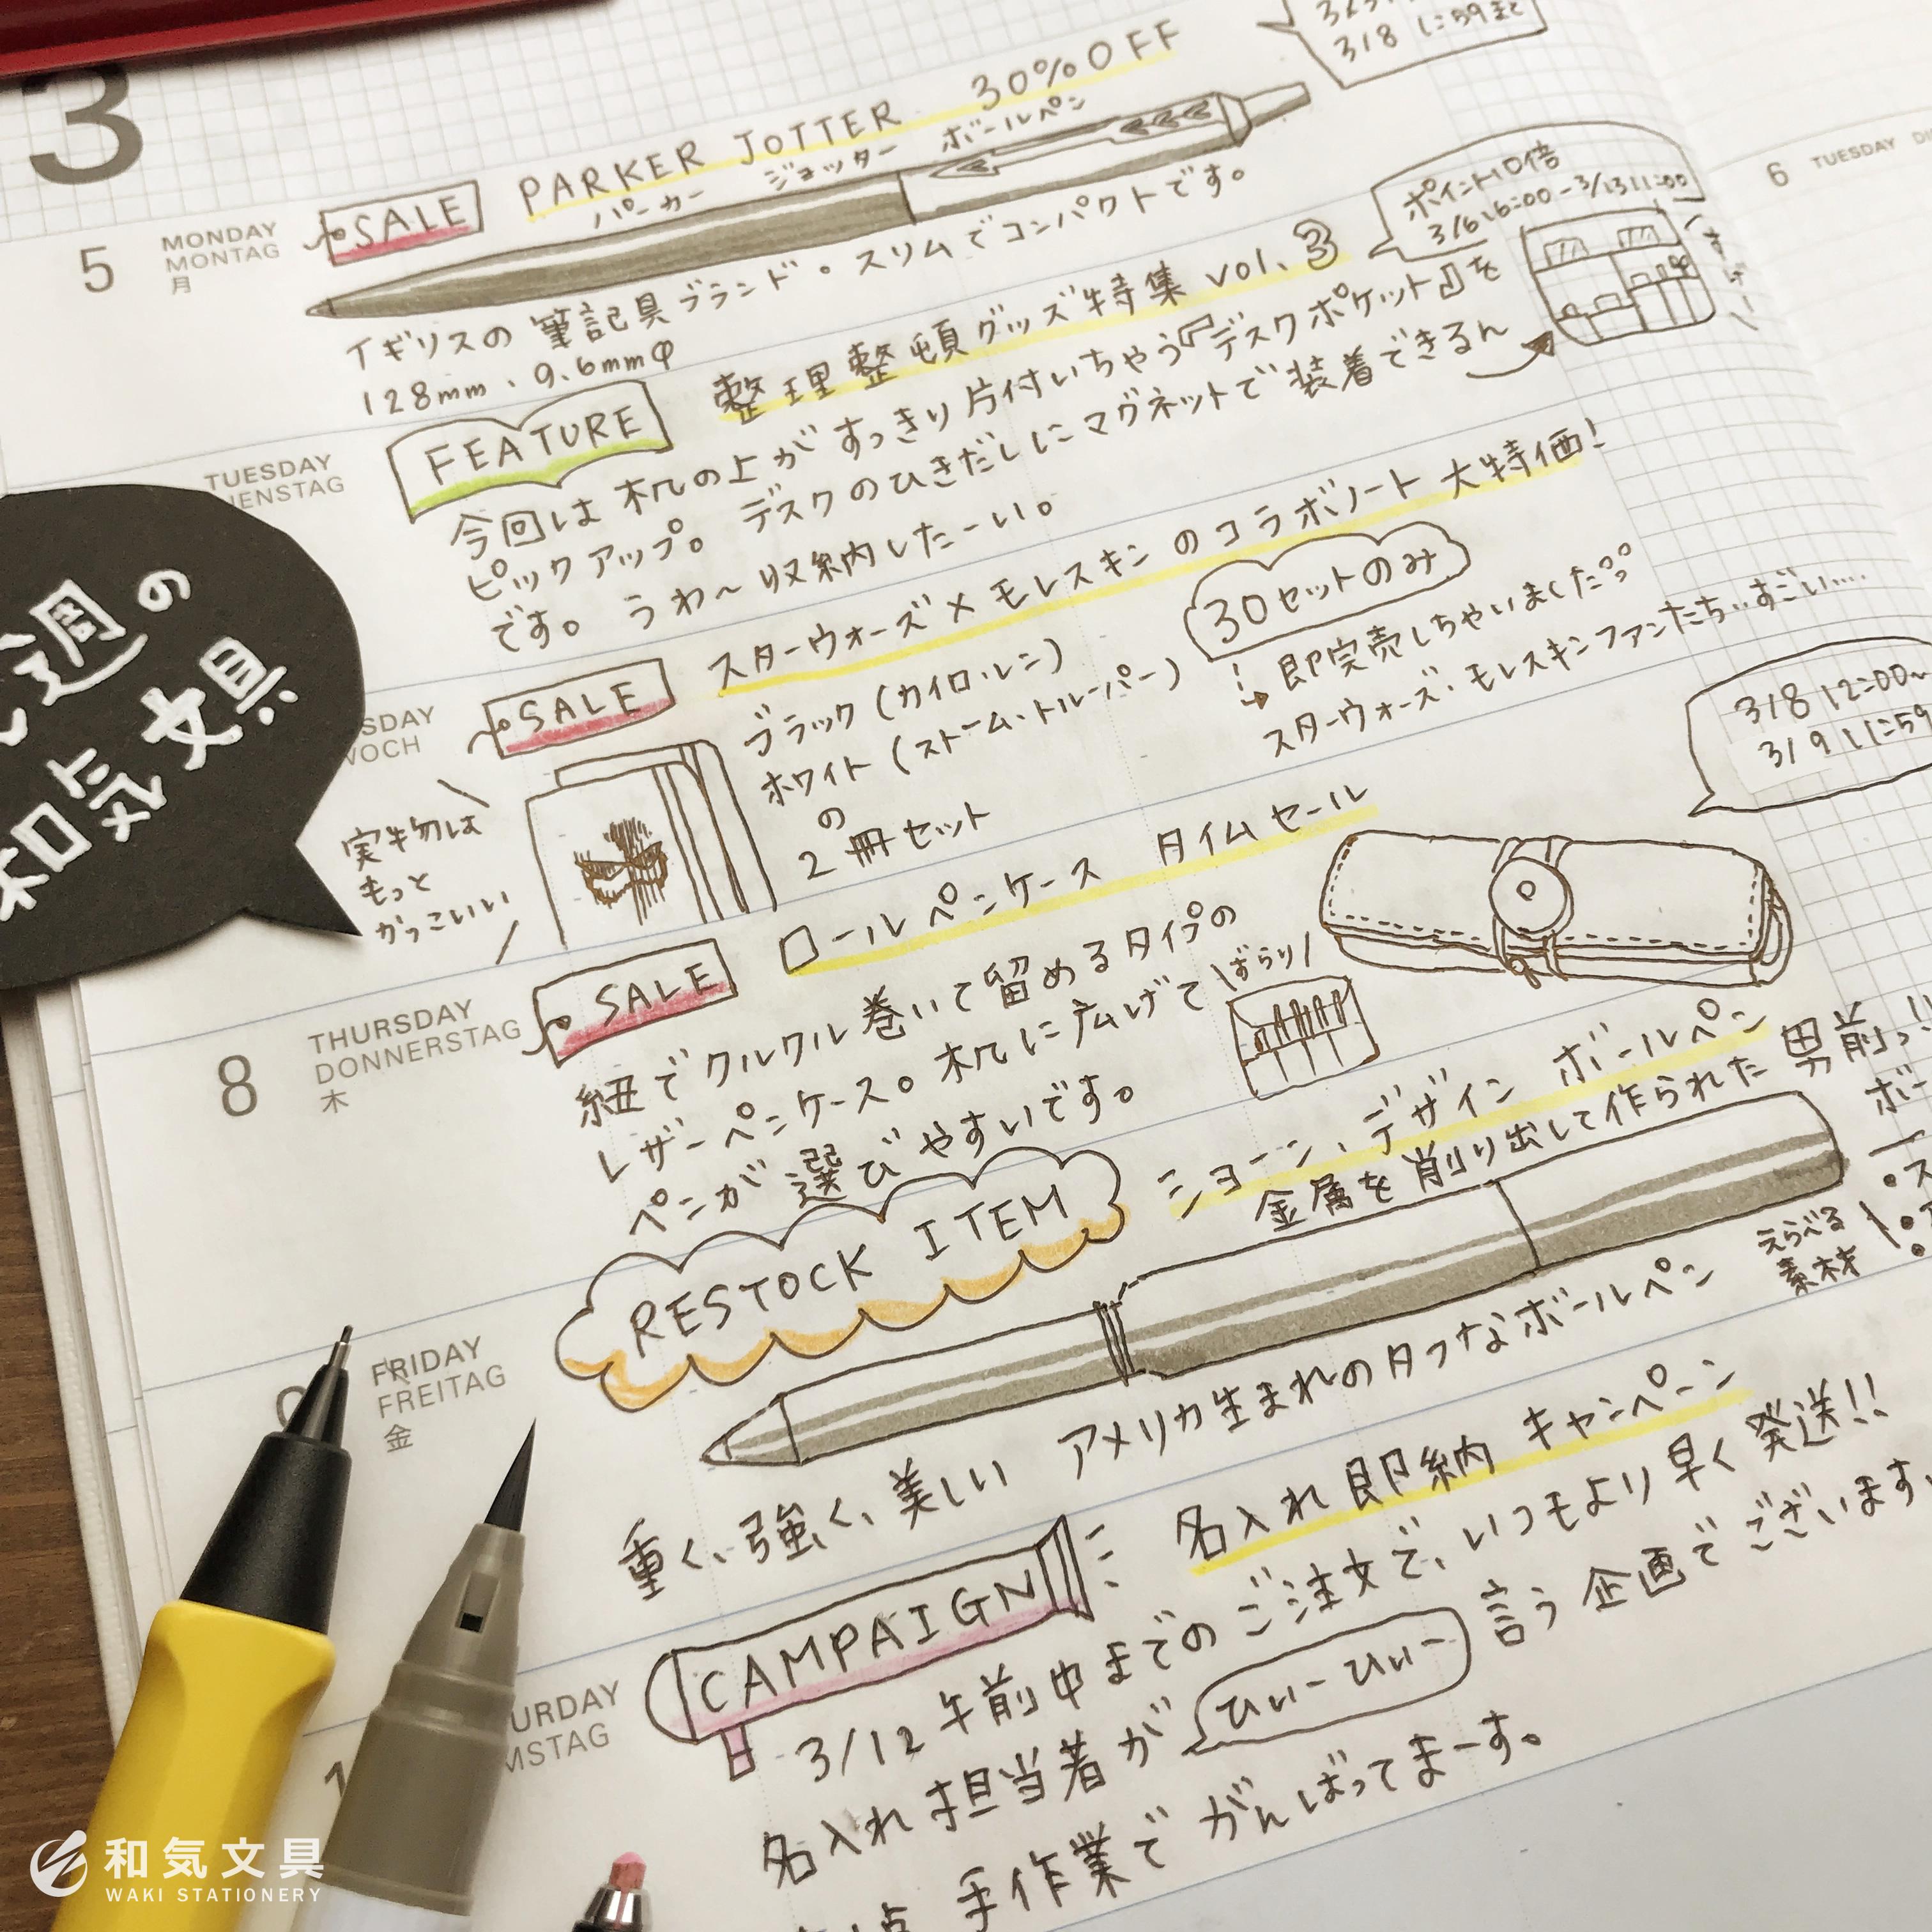 先週の和気文具 2018年3月5日~3月11日